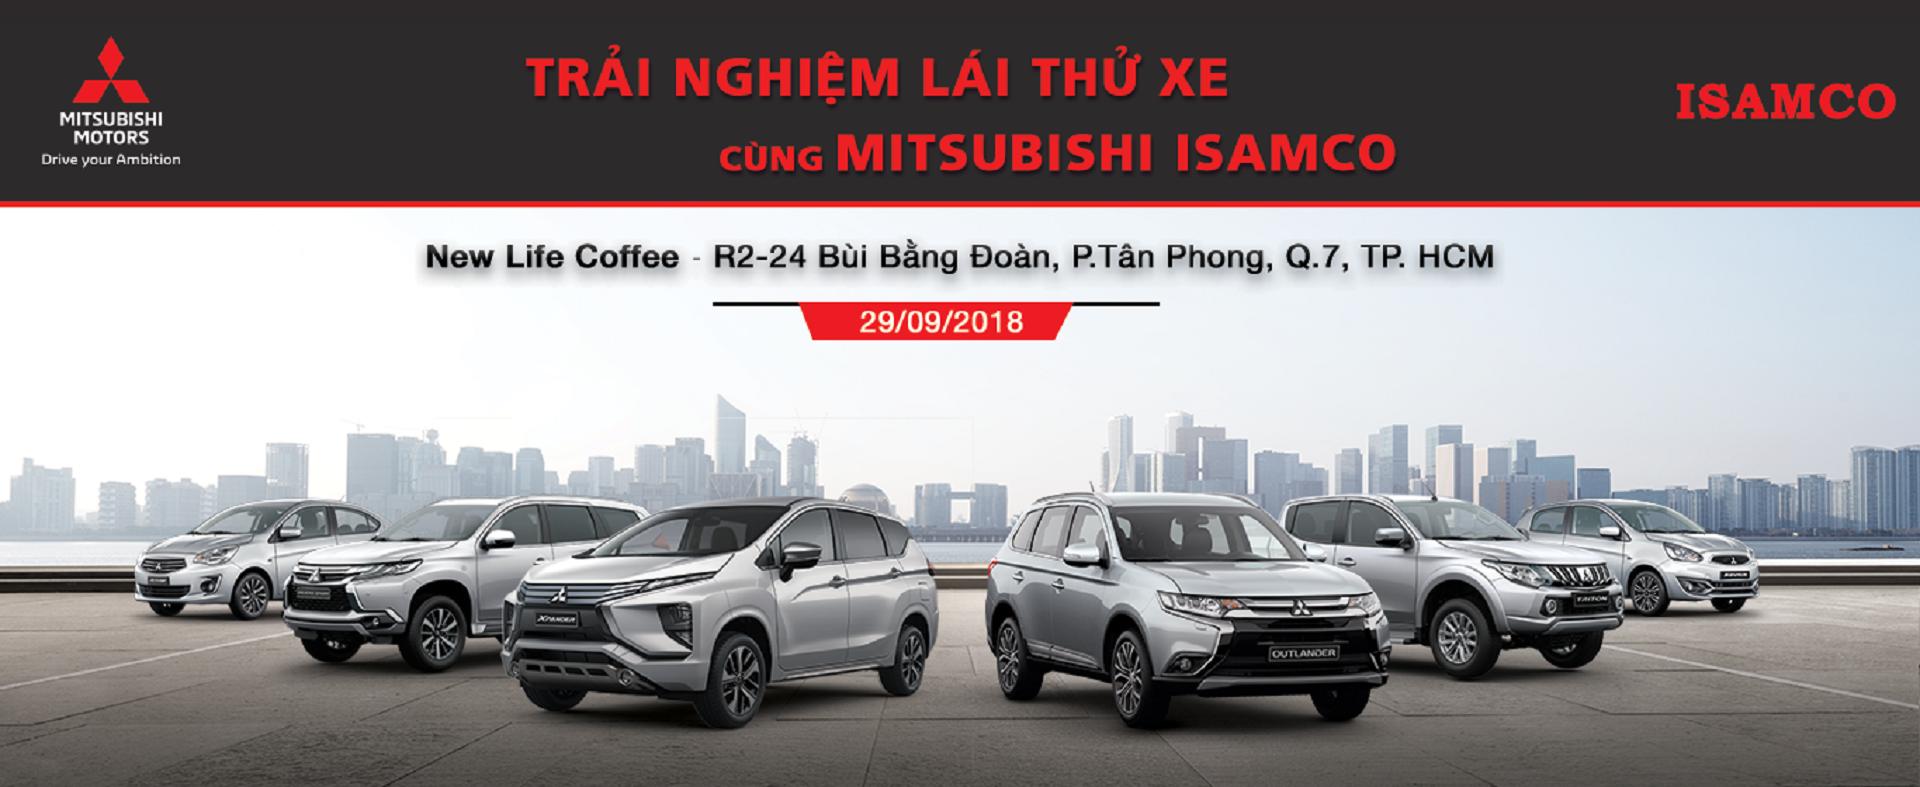 """Chương trình """"Trải Nghiệm Lái Thử Xe Cùng Mitsubishi ISAMCO"""" Tại New Life Coffee ngày 29/9/2018"""